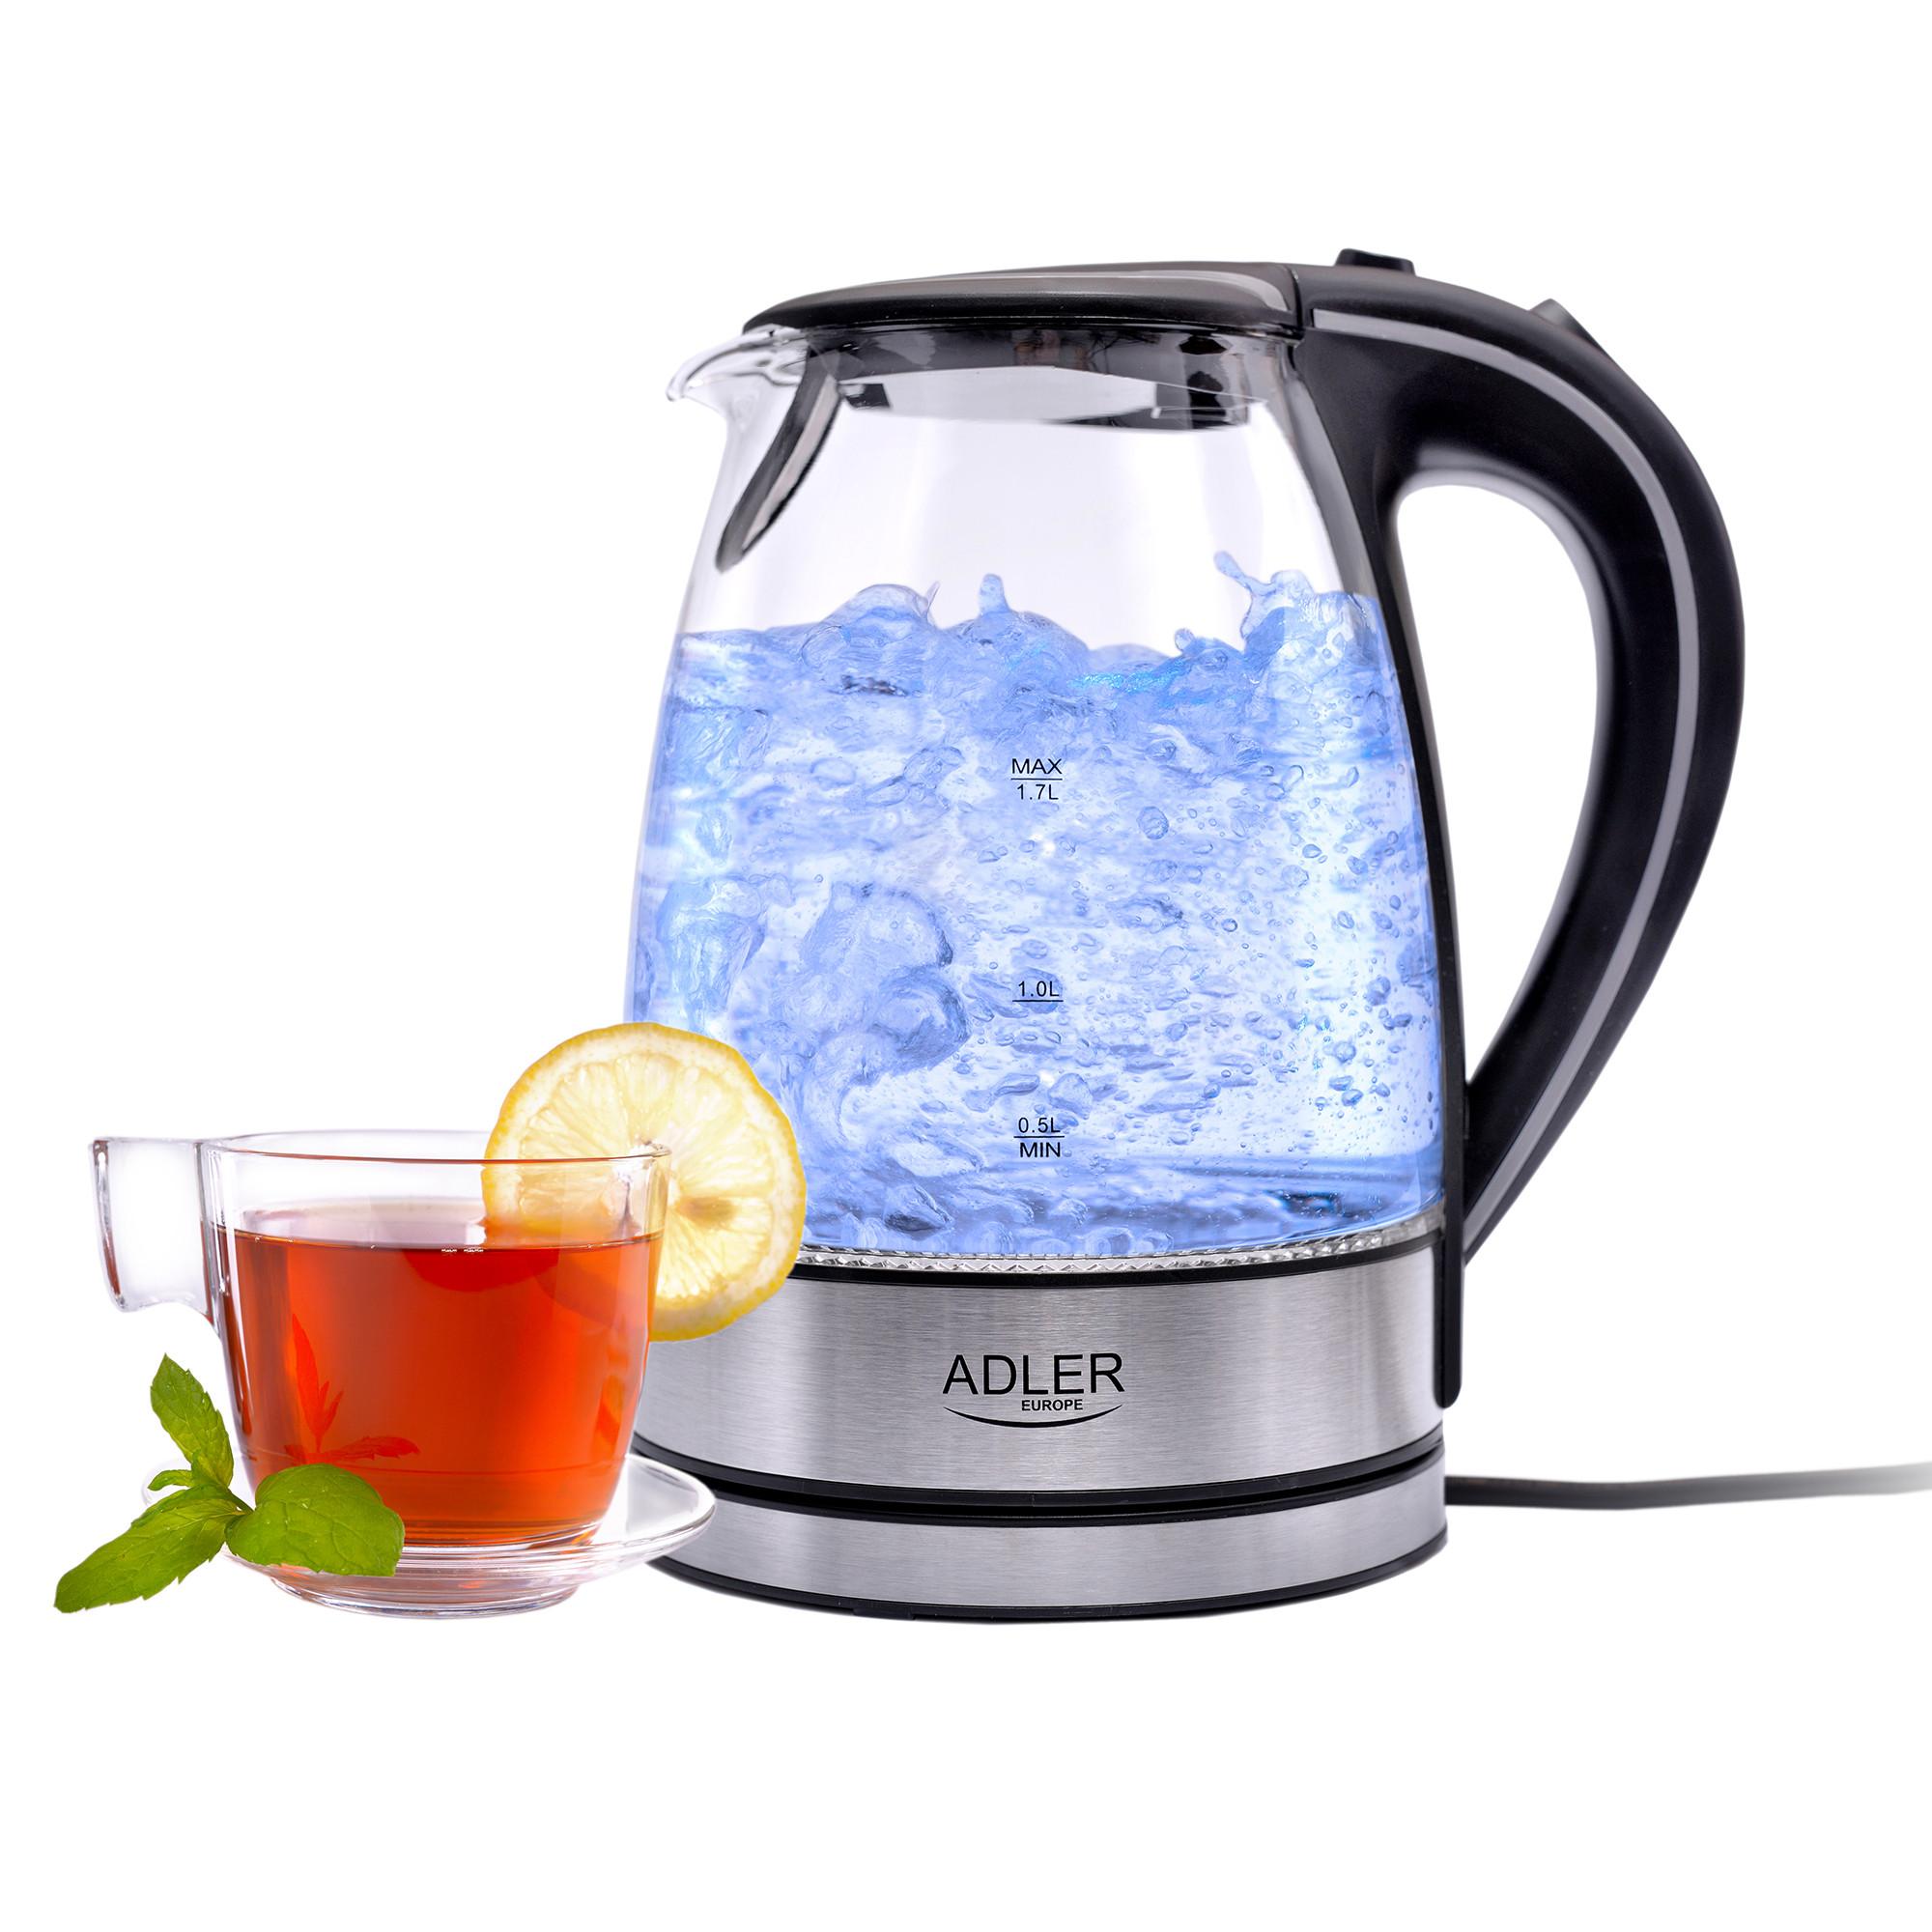 ADLER AD-1225 Hervidor de agua eléctrico cristal 1,7 litros, recipiente sin BPA, resistencia oculta, 2200 W con apagado automático al alcanzar la ebullición, inalámbrico 360º sin cable